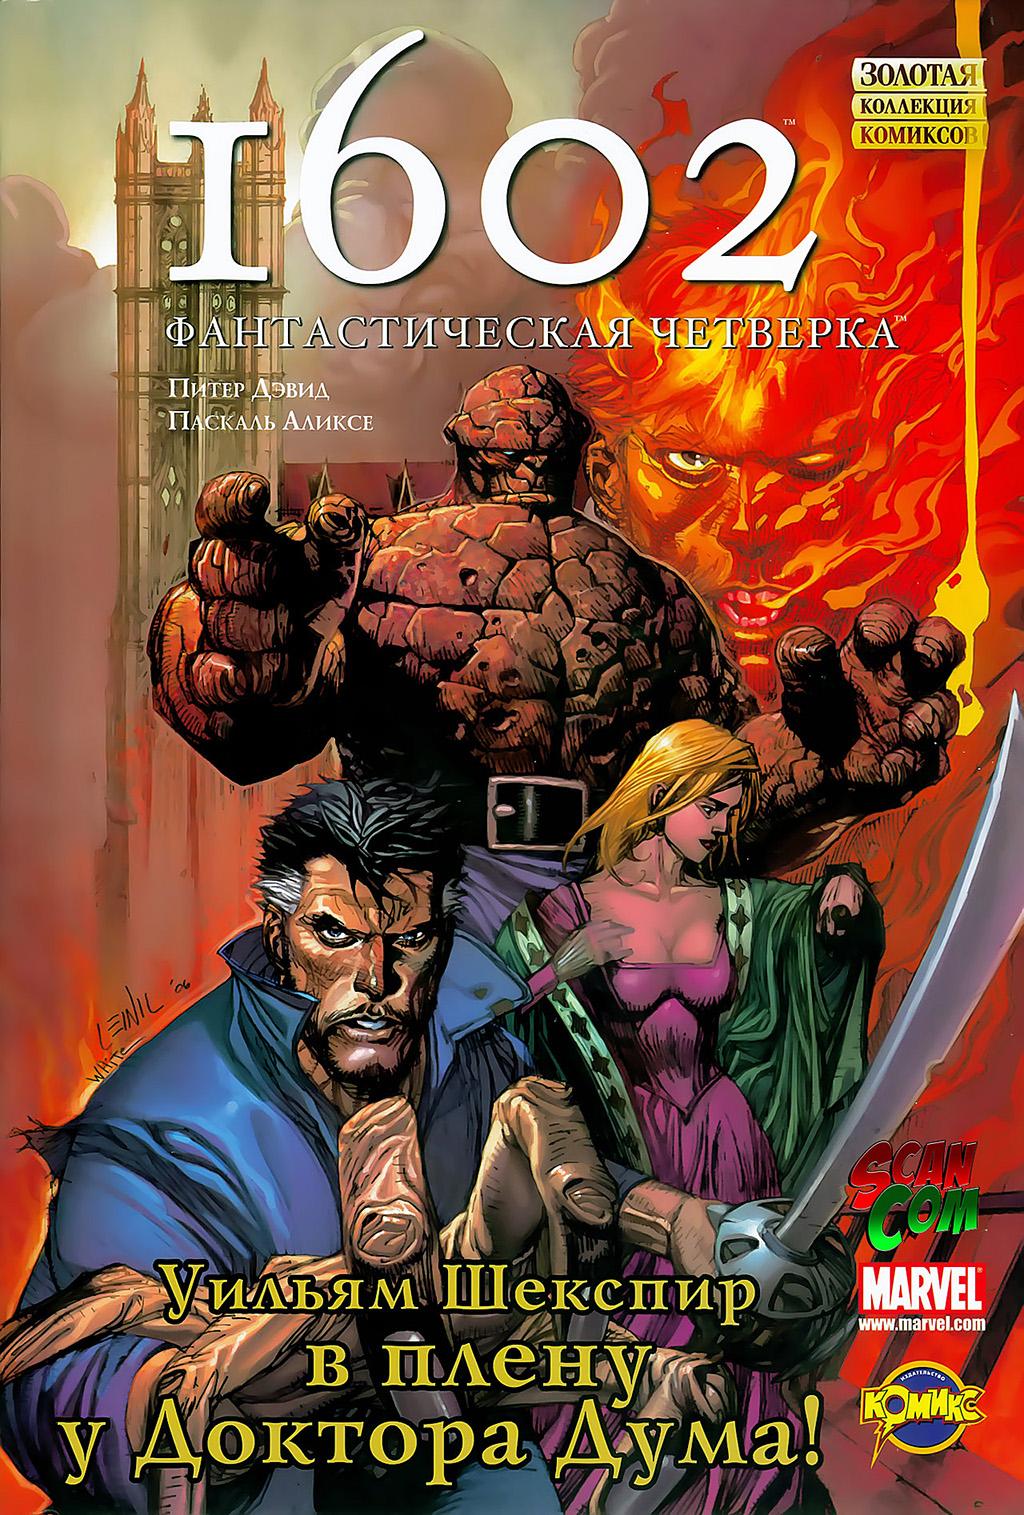 Комикс 1602 Марвел: Фантастическая Четверка